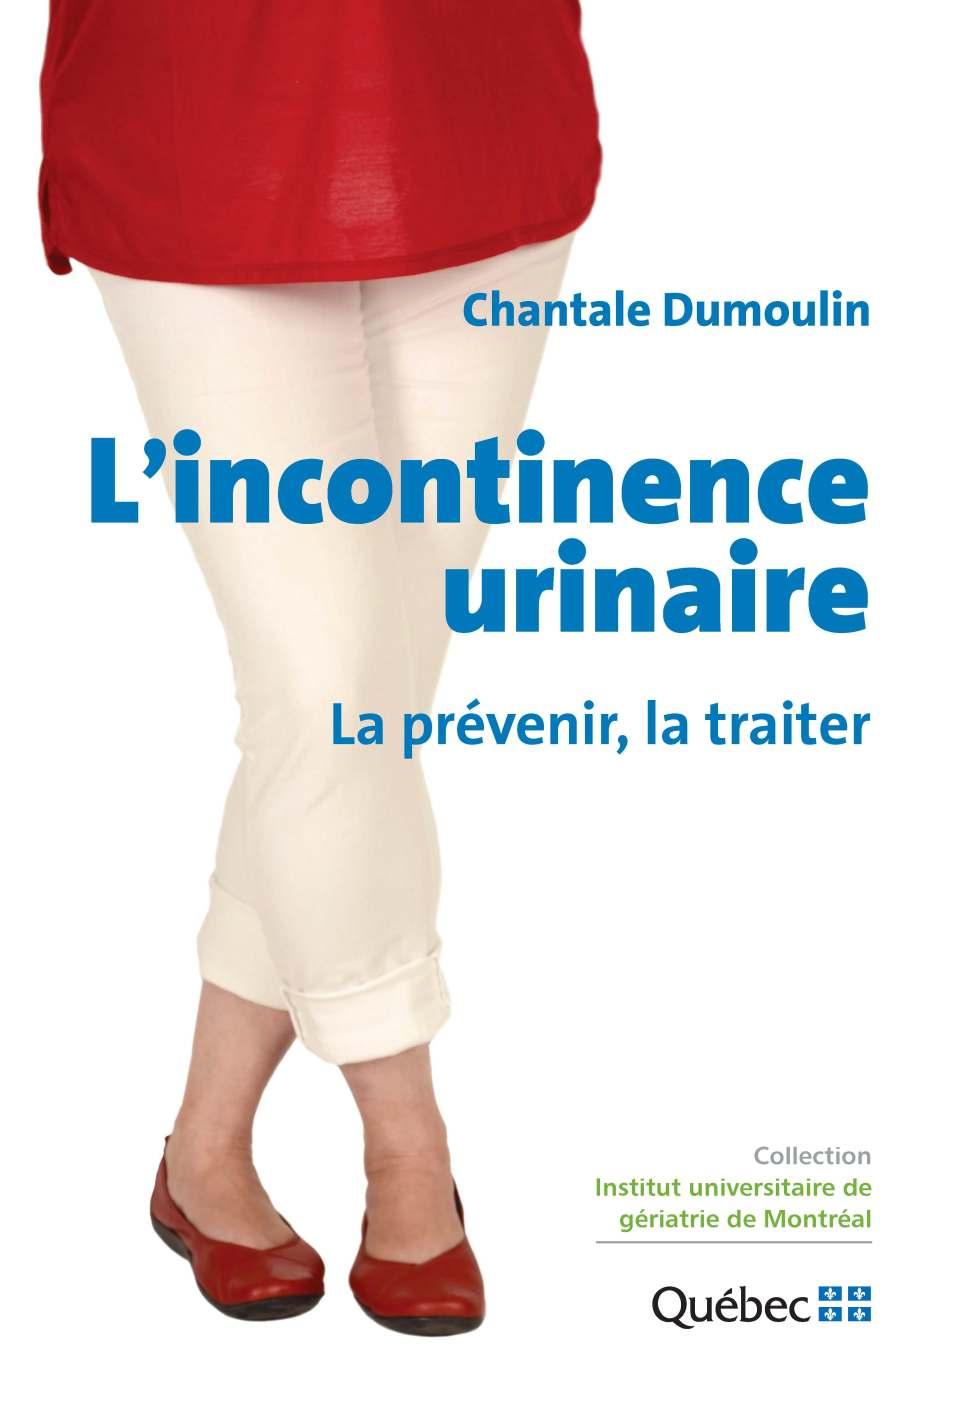 L'incontinence urinaire : La prévenir, la traiter